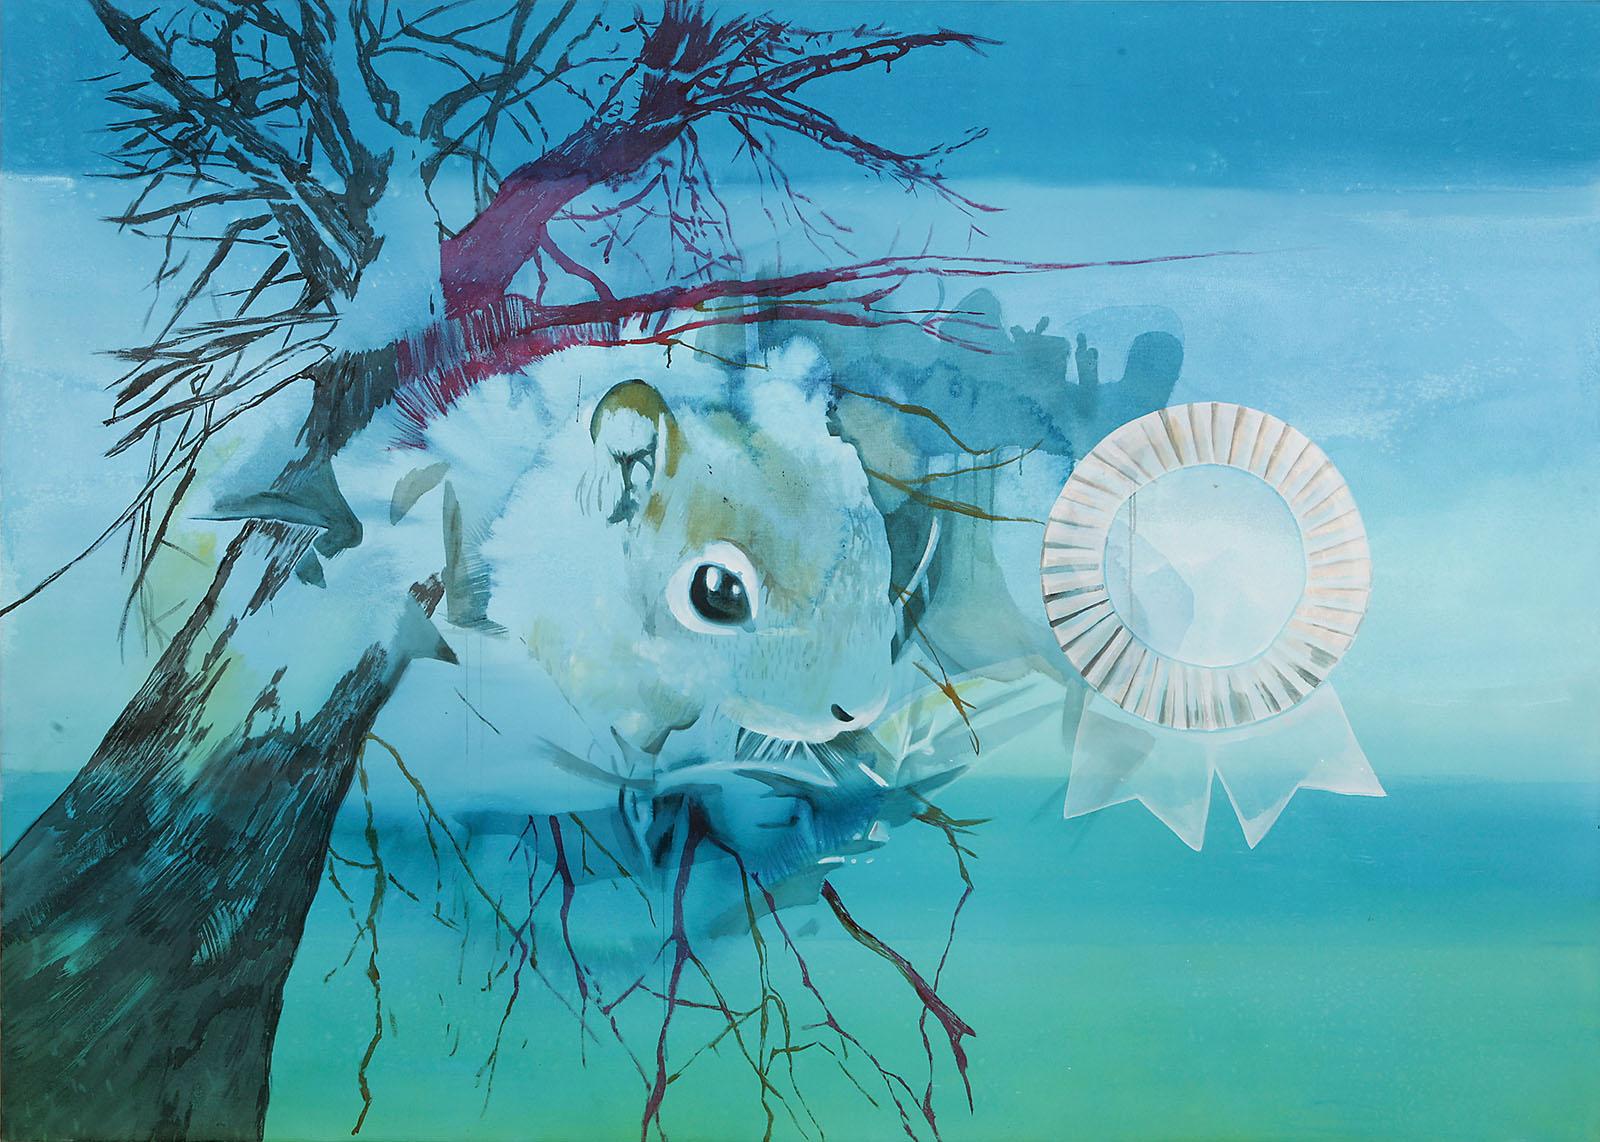 """o.T. aus """"Krähen Kommen"""", 2008, 190 x 270 cm, Mischtechnik auf Leinwand"""